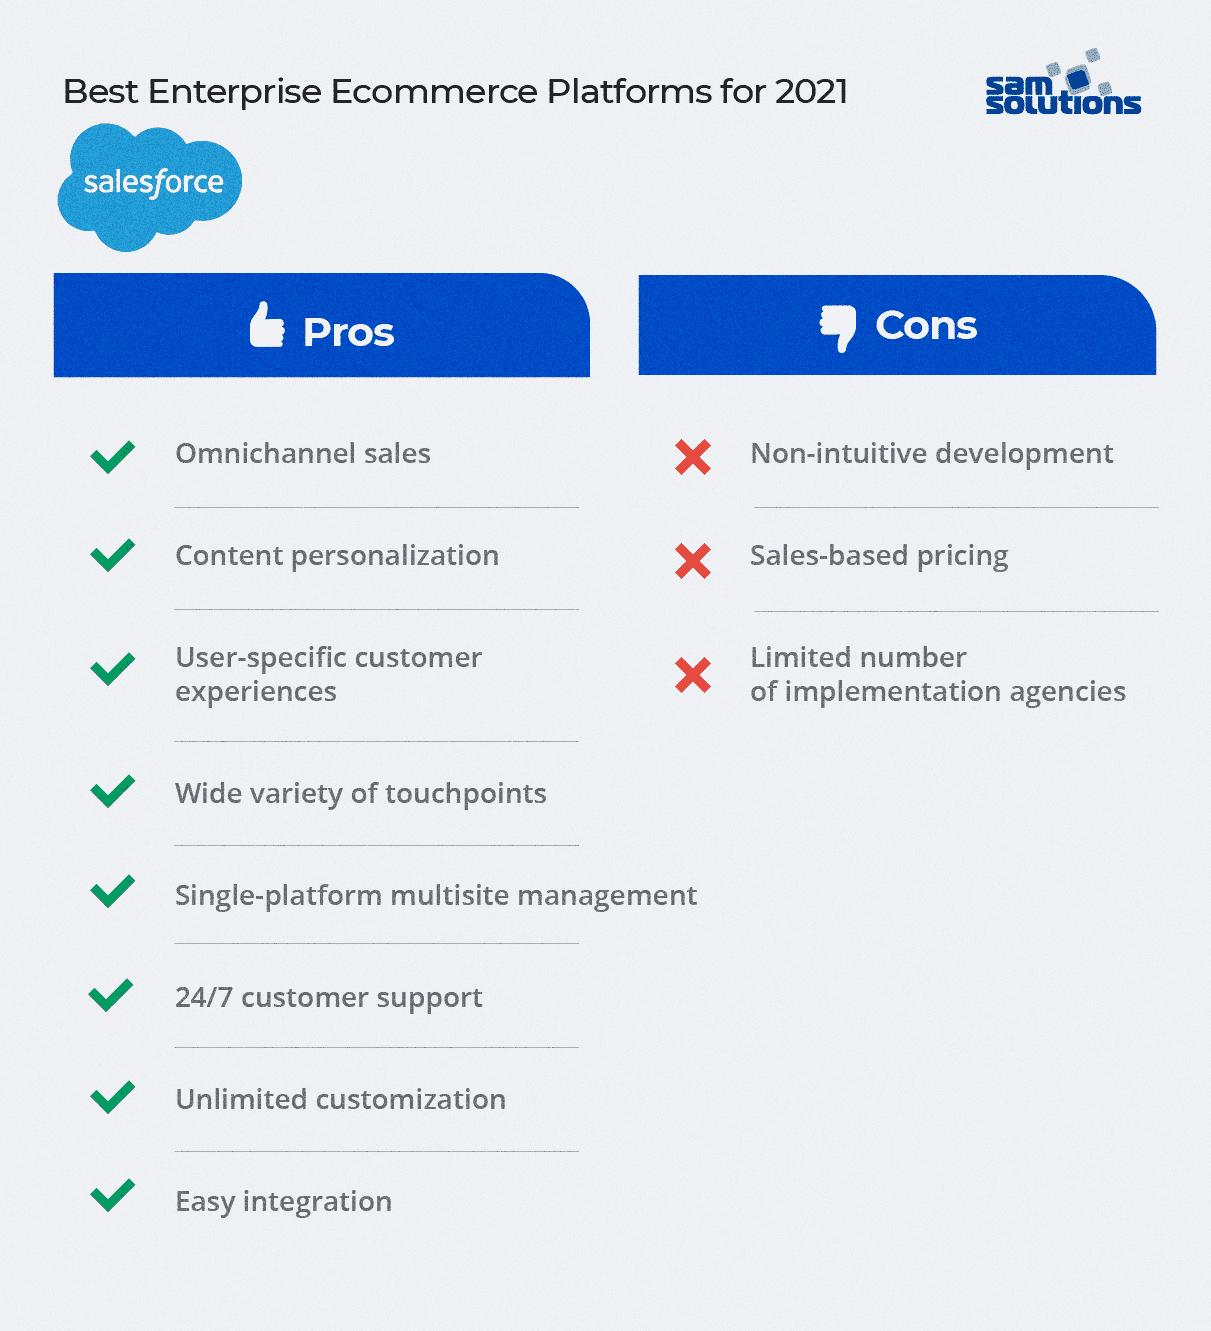 Salesforce-Enterprise-Ecommerce-Platform-pros-cons-photo